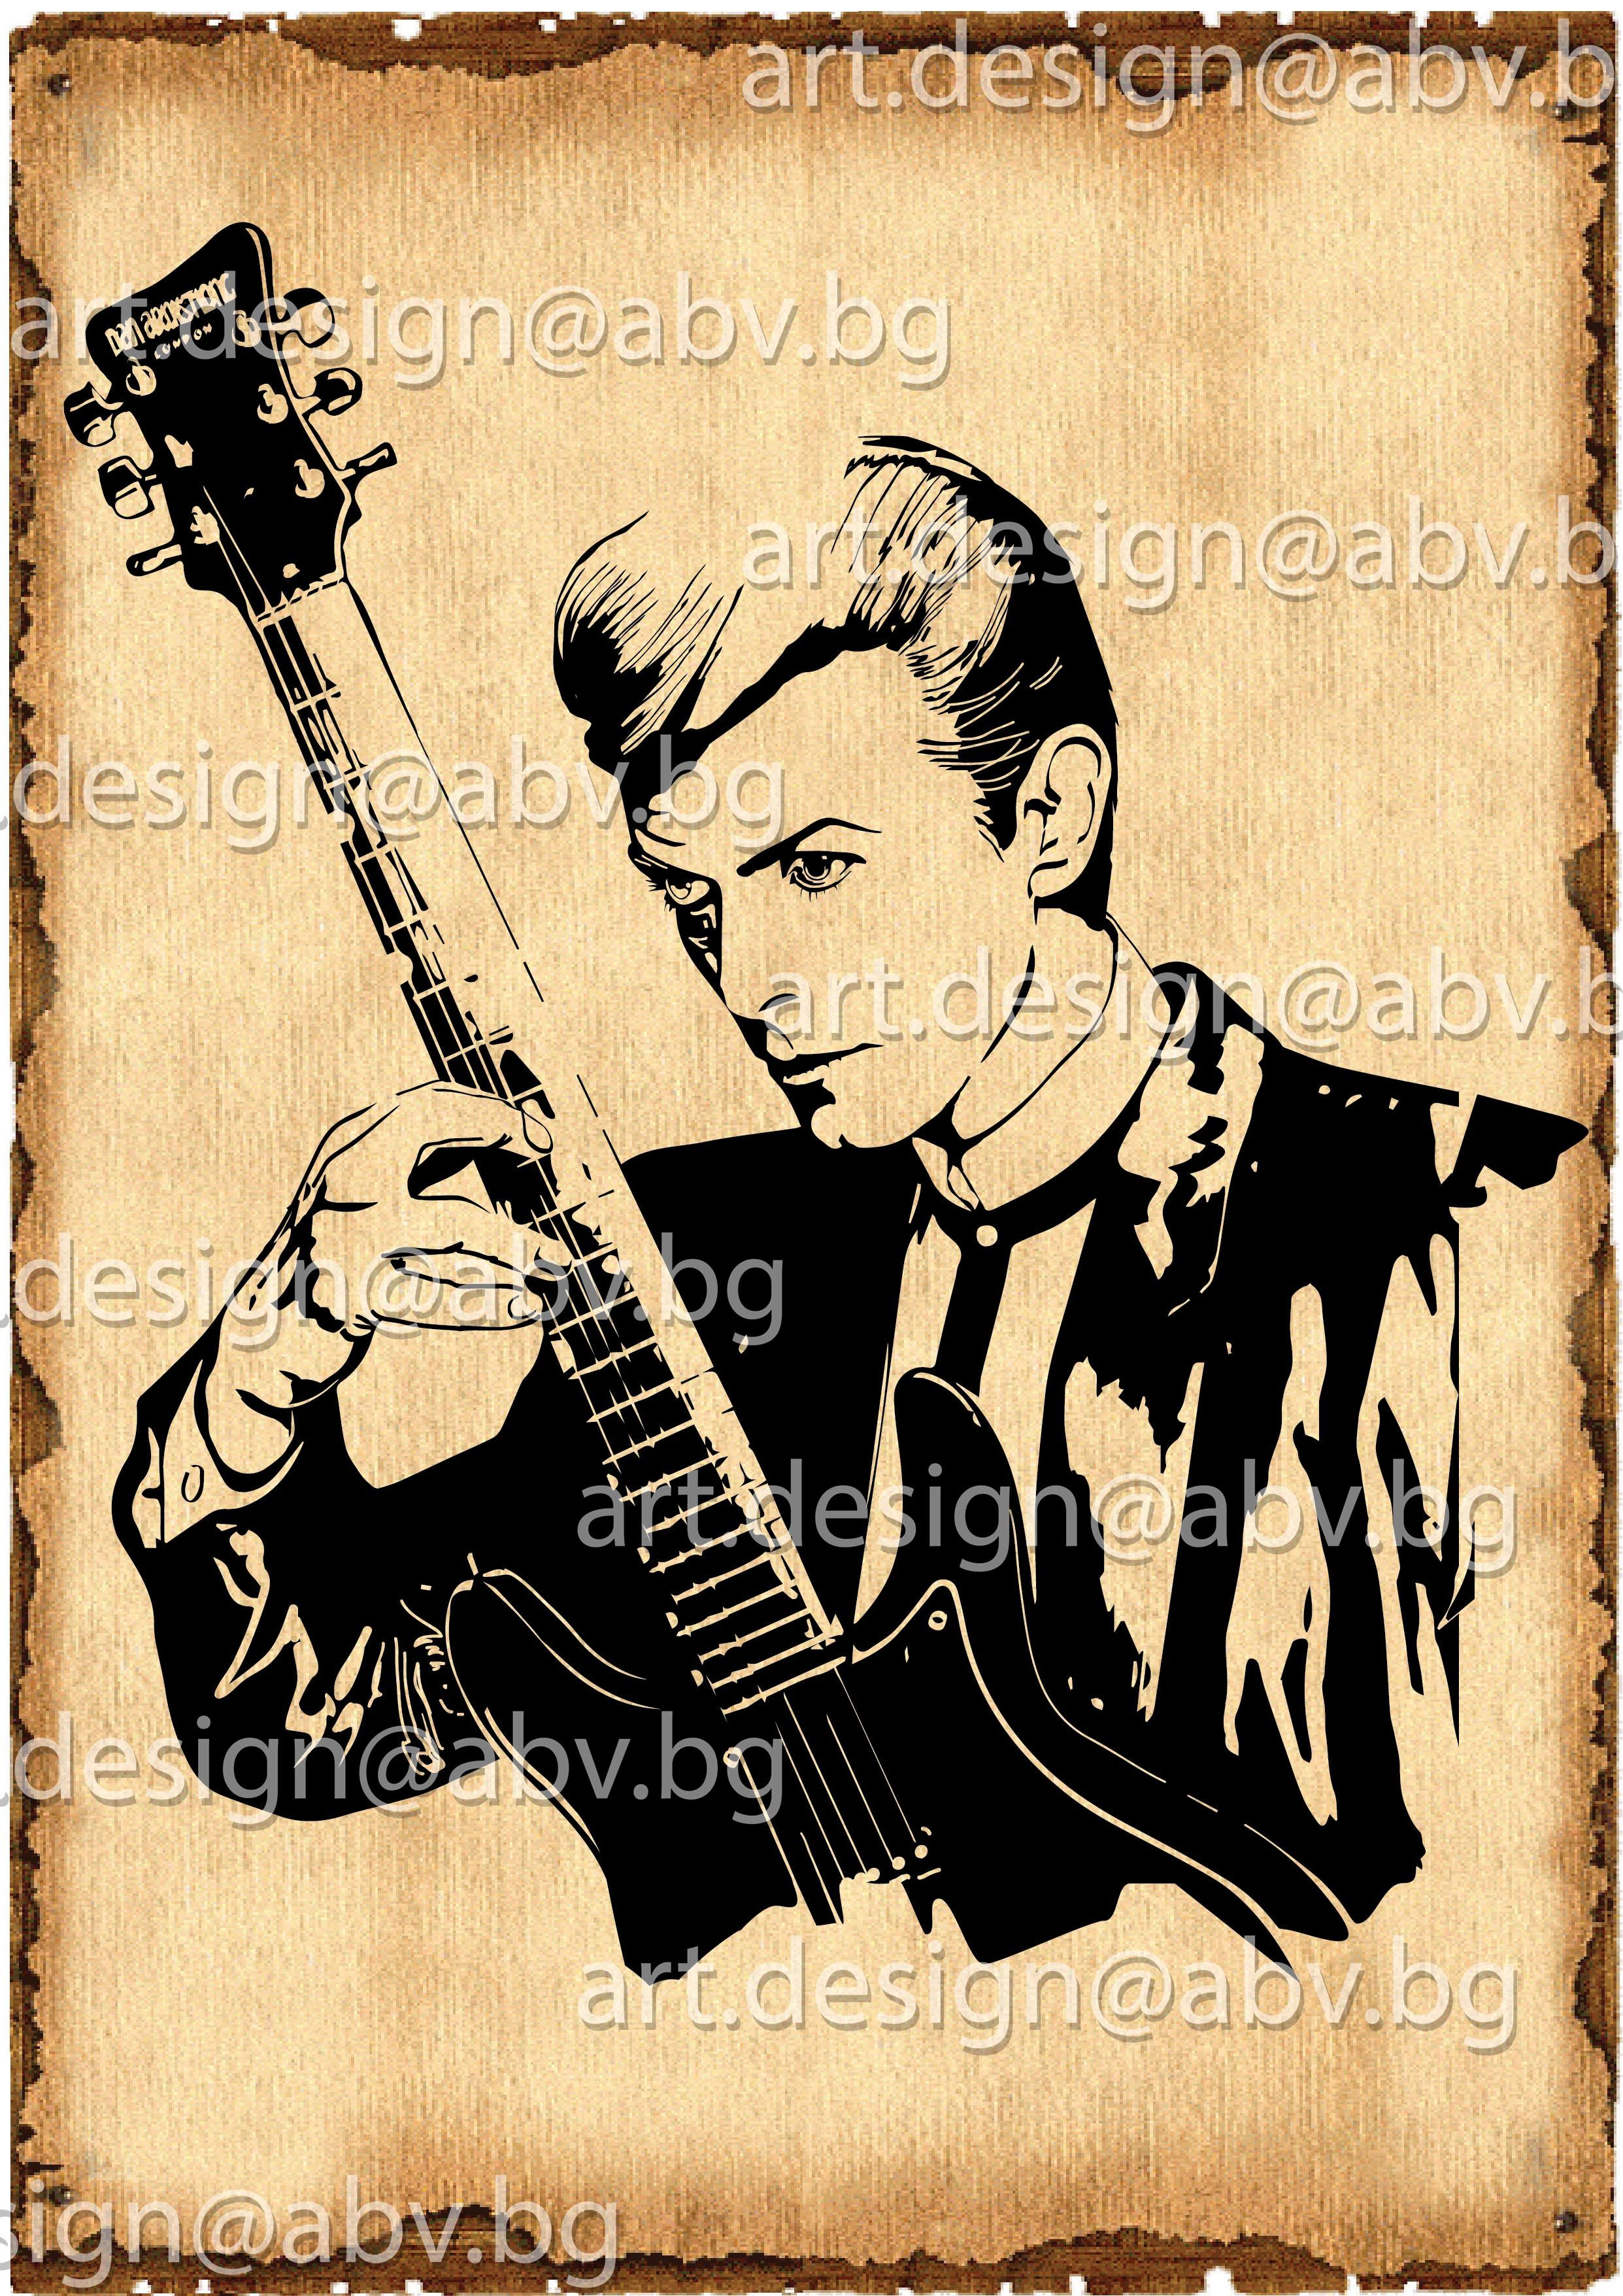 David Bowie | FAMOUS PEOPLE | Pinterest | Famous people, David bowie ...